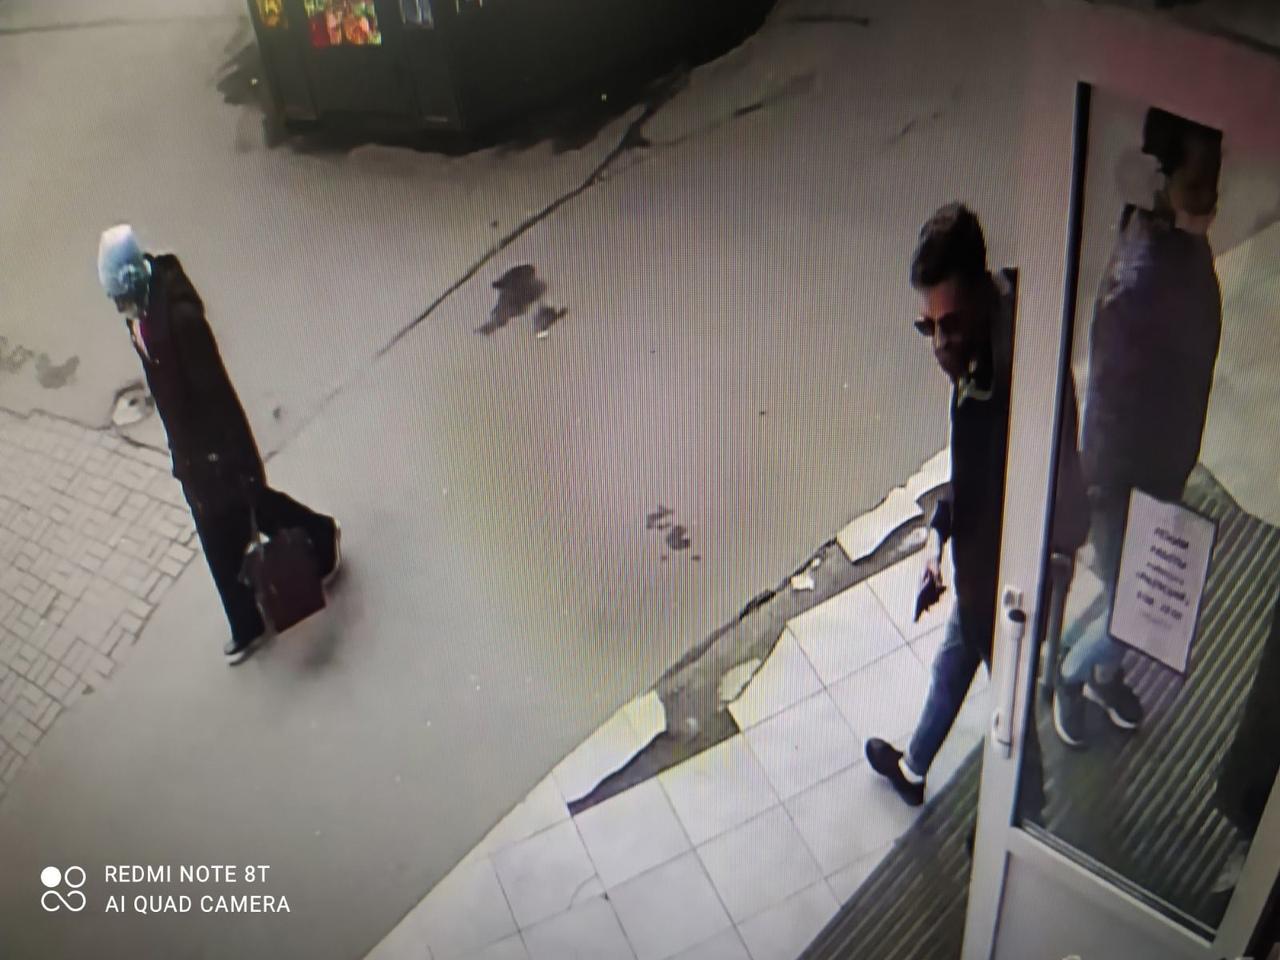 Уважаемая молодая пара с маленькой собачкой, случайно или по ошибке взявшие чужой кошелек, сегодня 2...